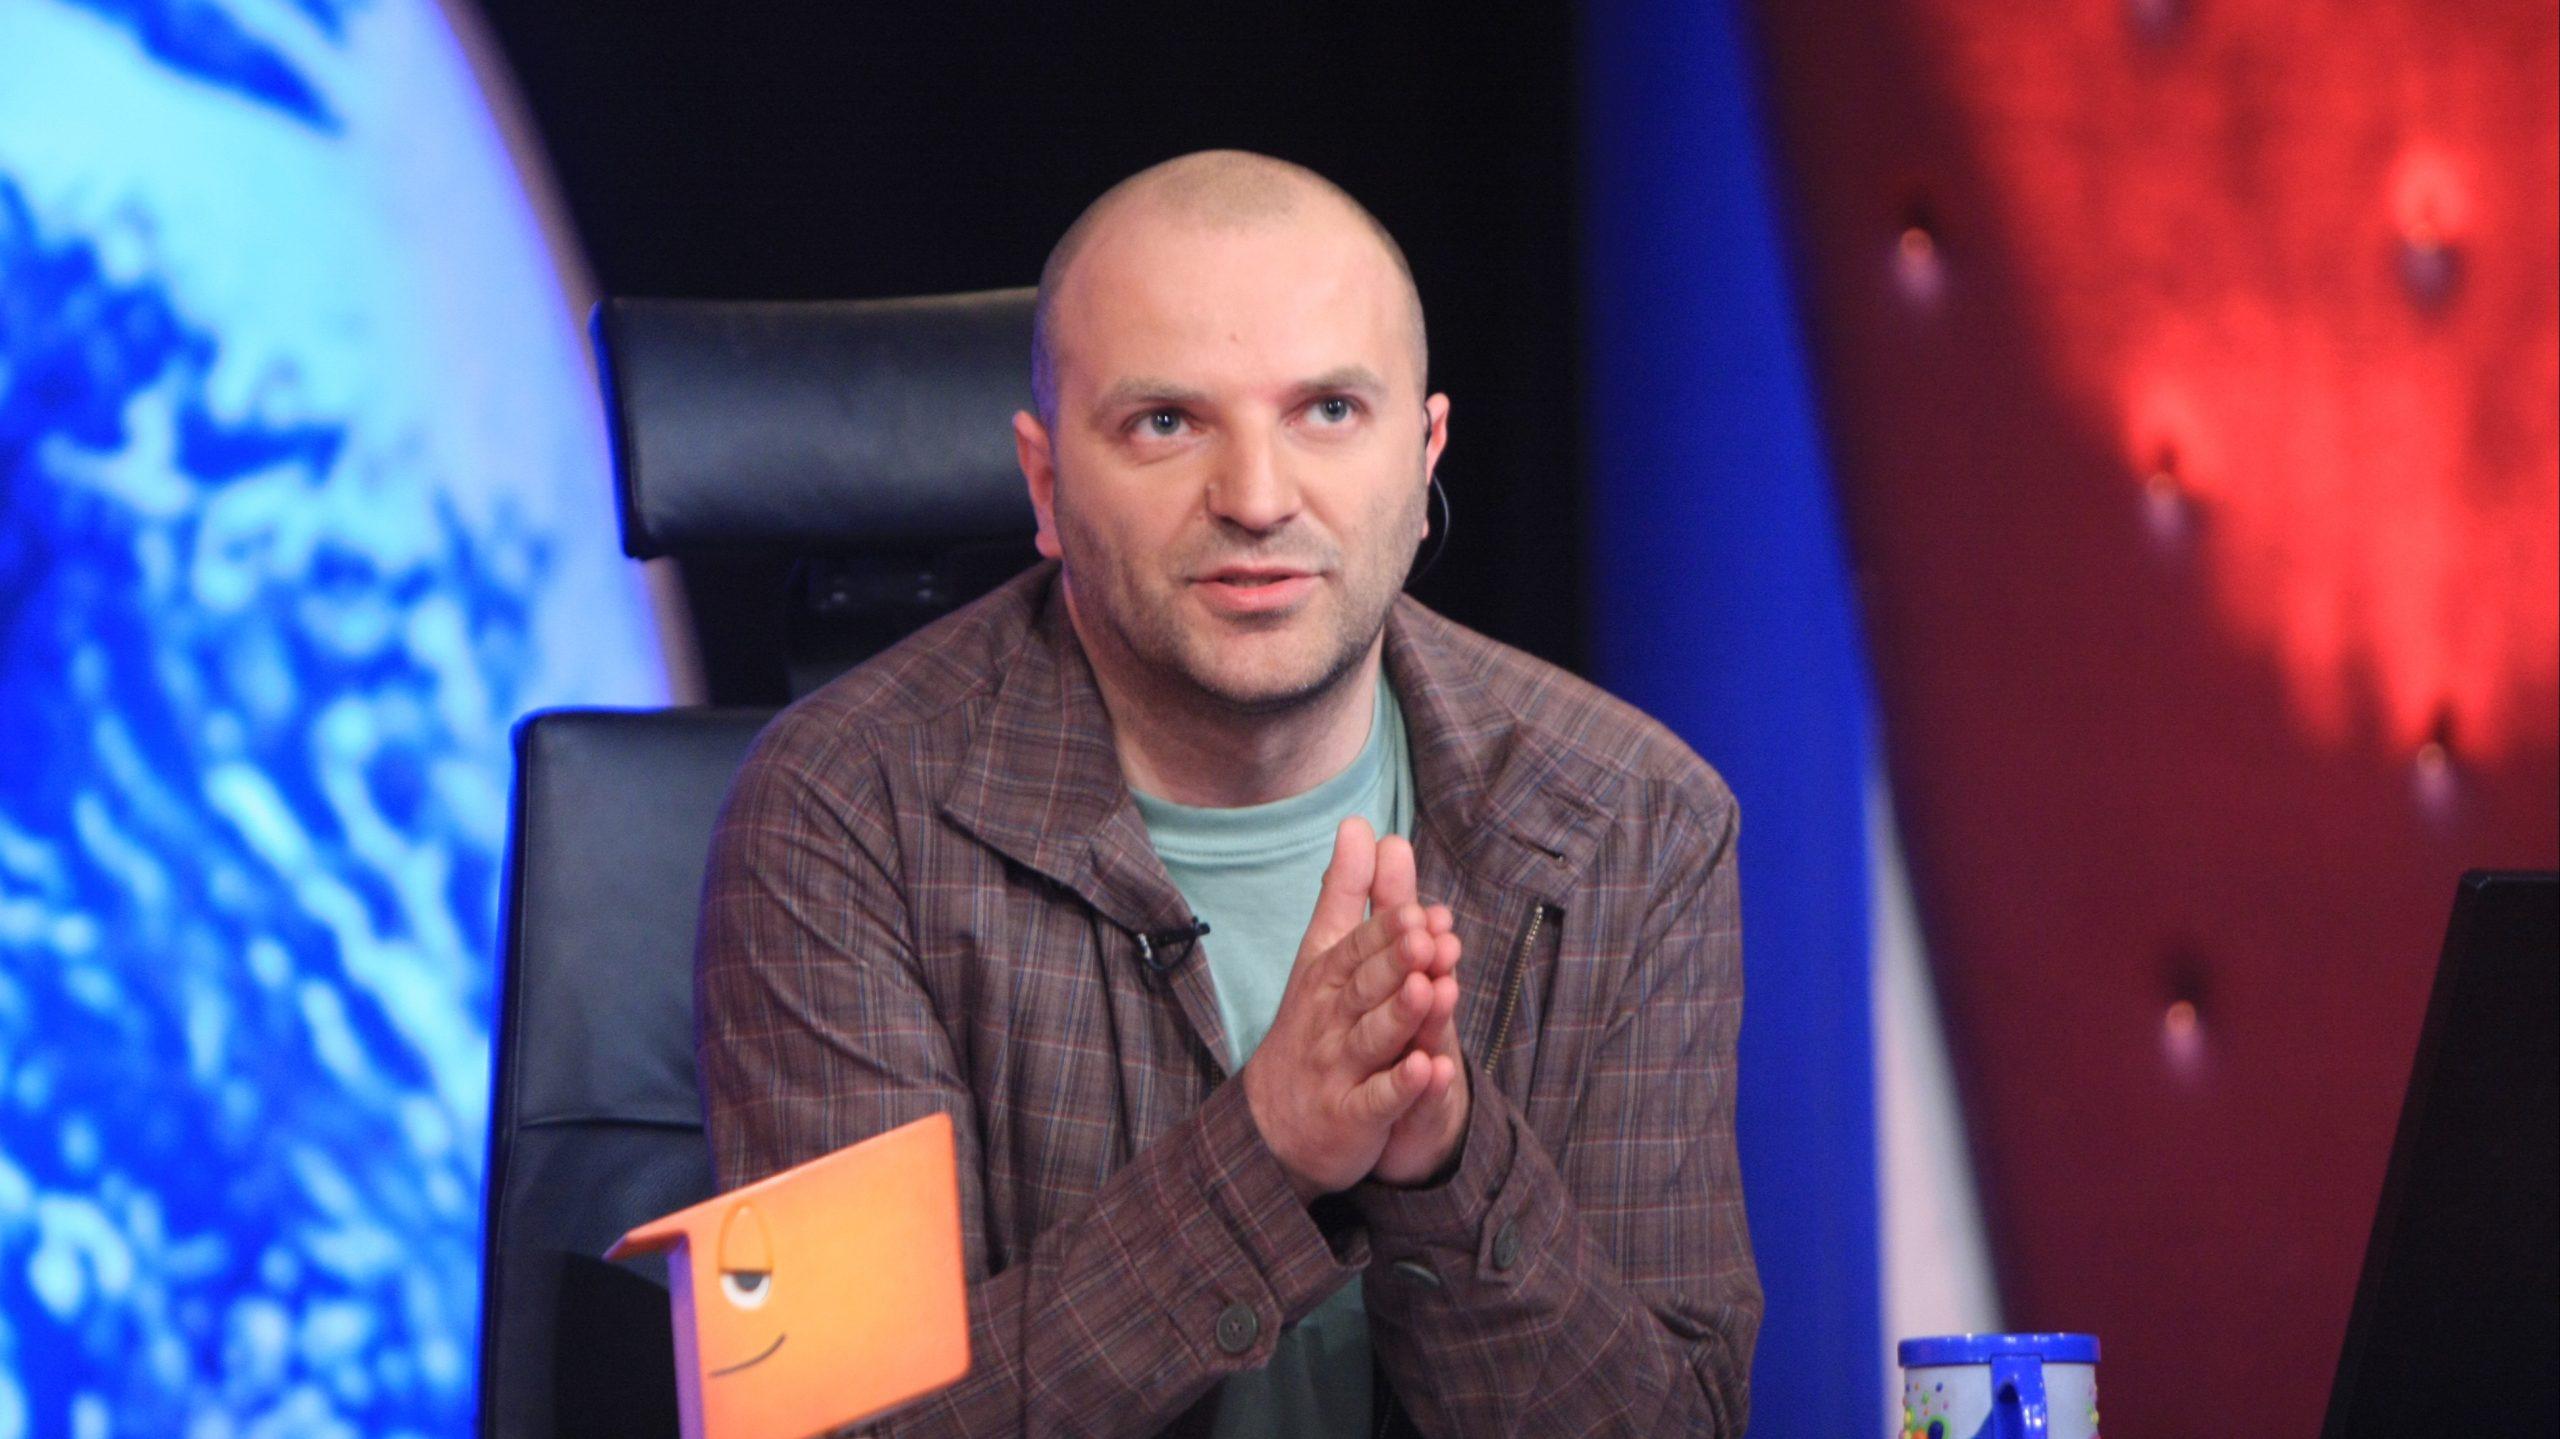 Bombă în Televiziune! Dan Capatos pleacă de la Antena 1 după 13 ani